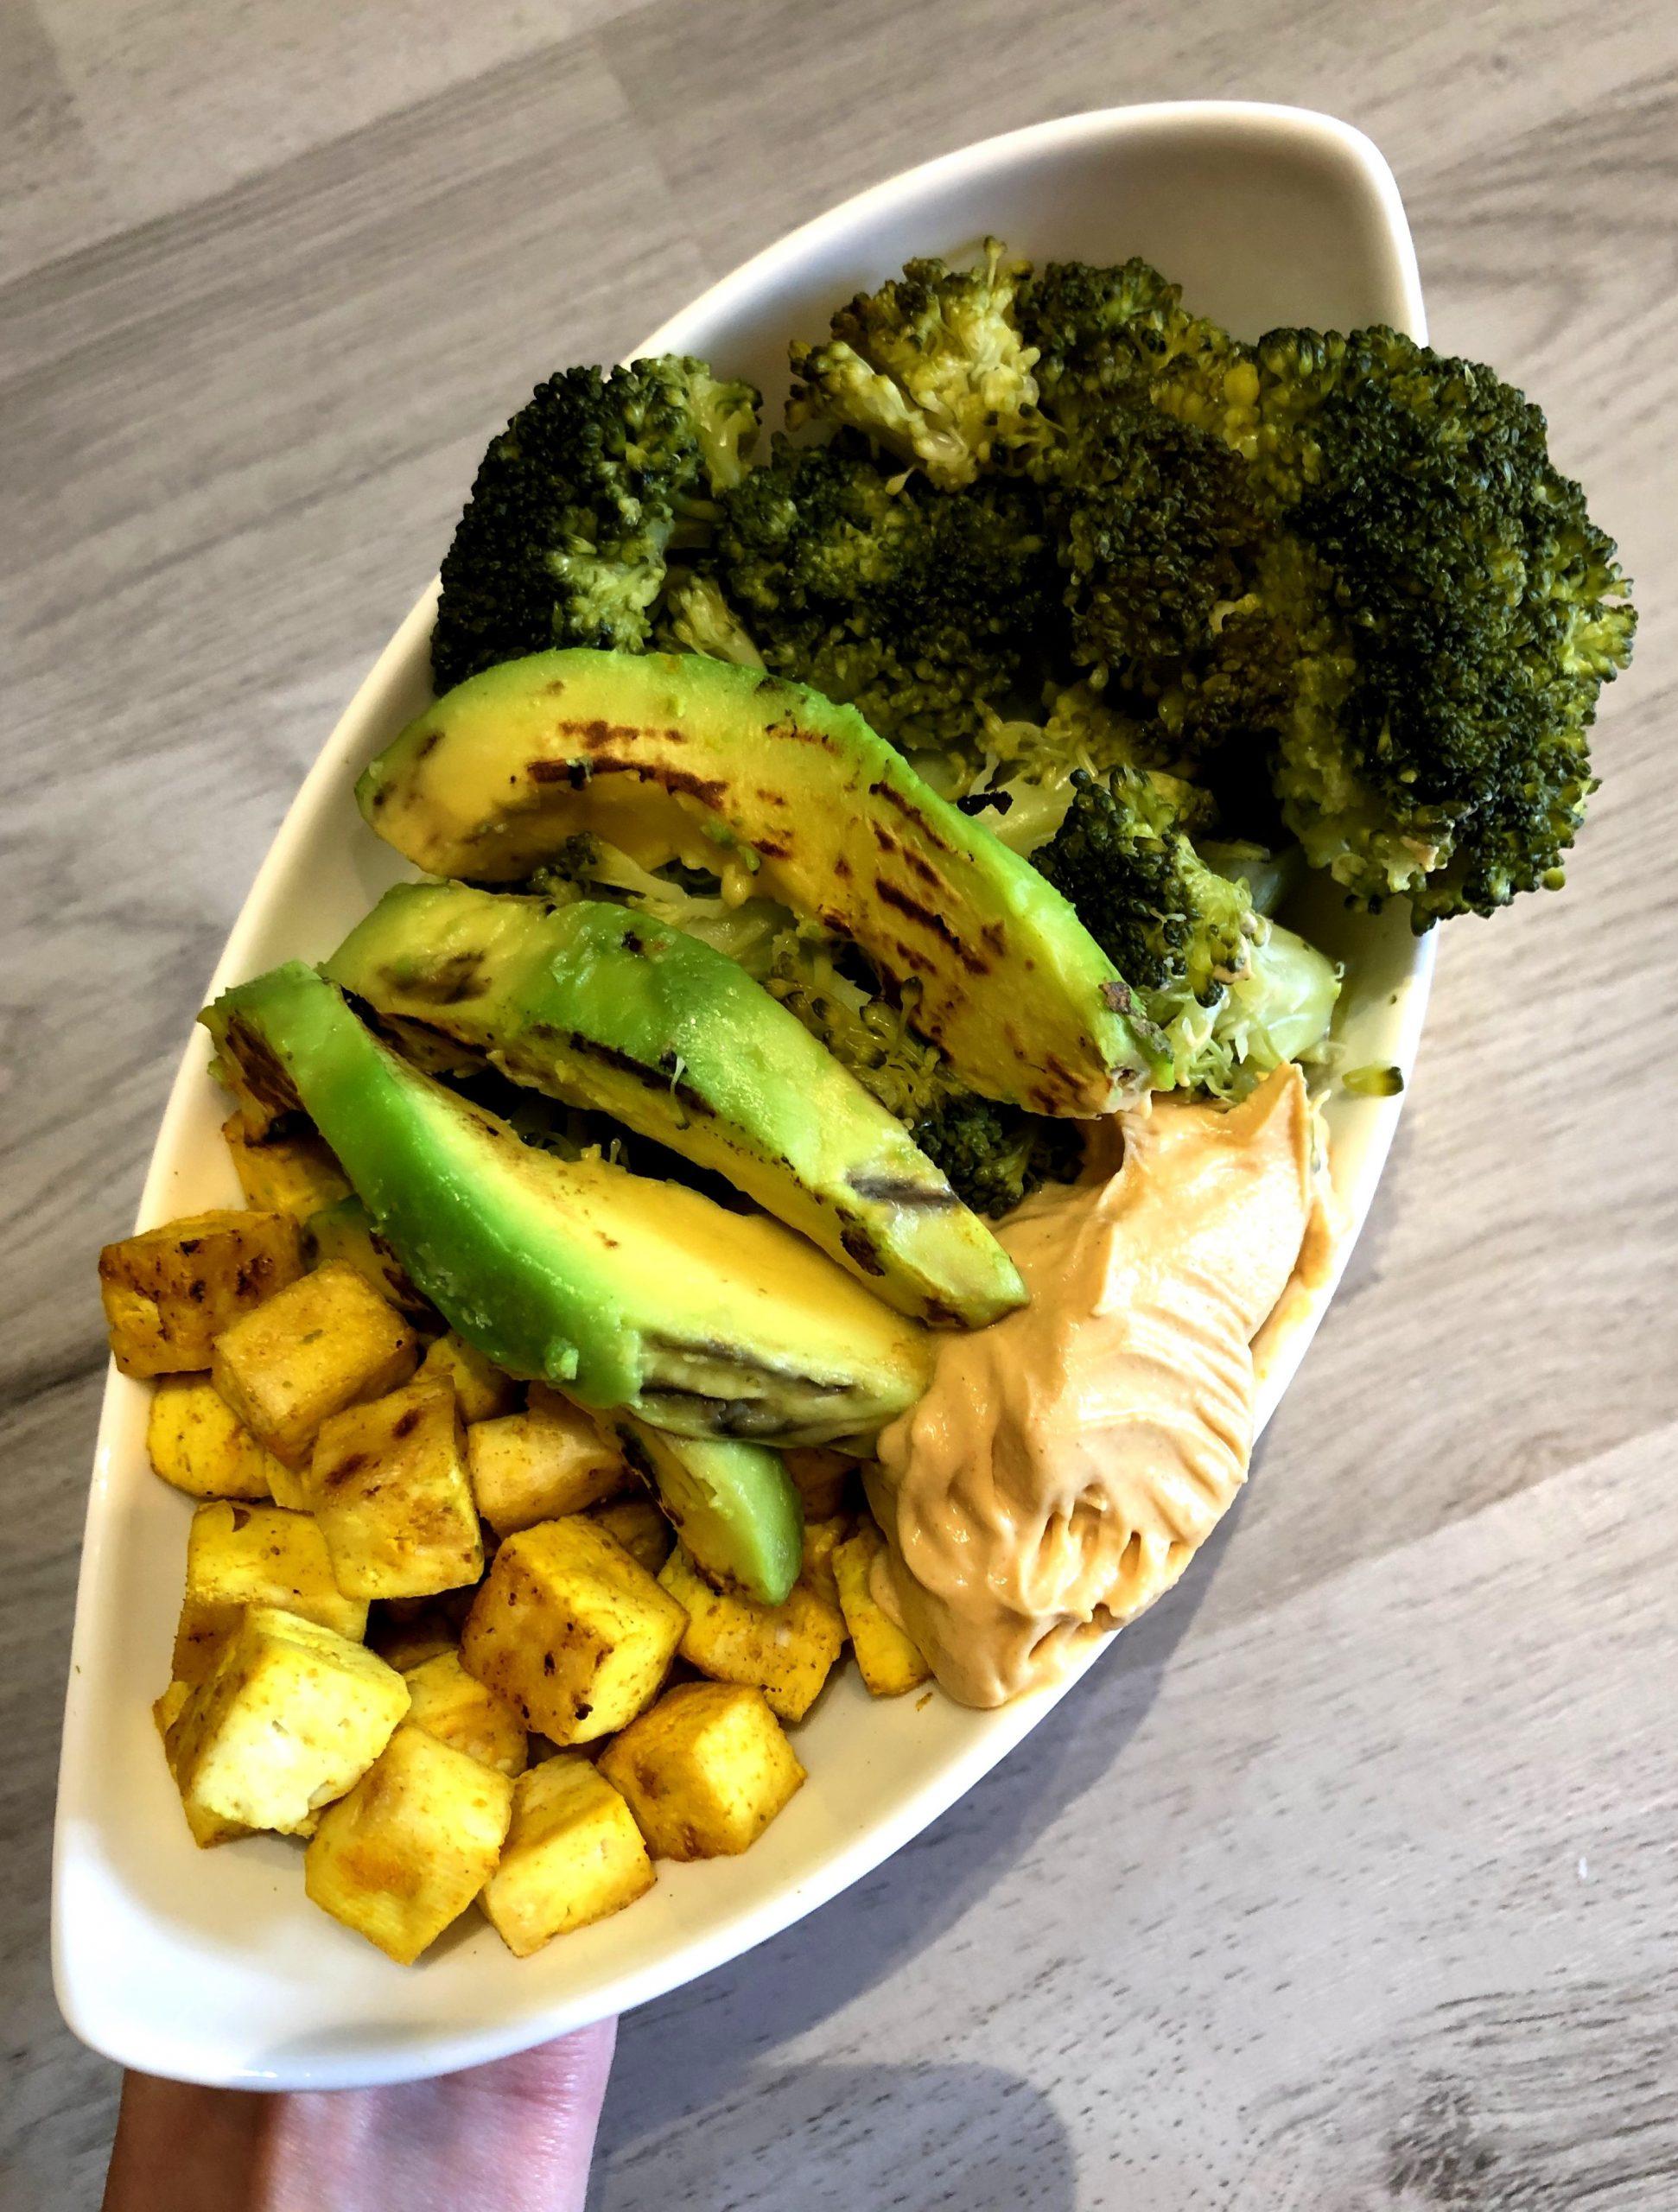 Vegan broccoli bowl with hummus and tofu